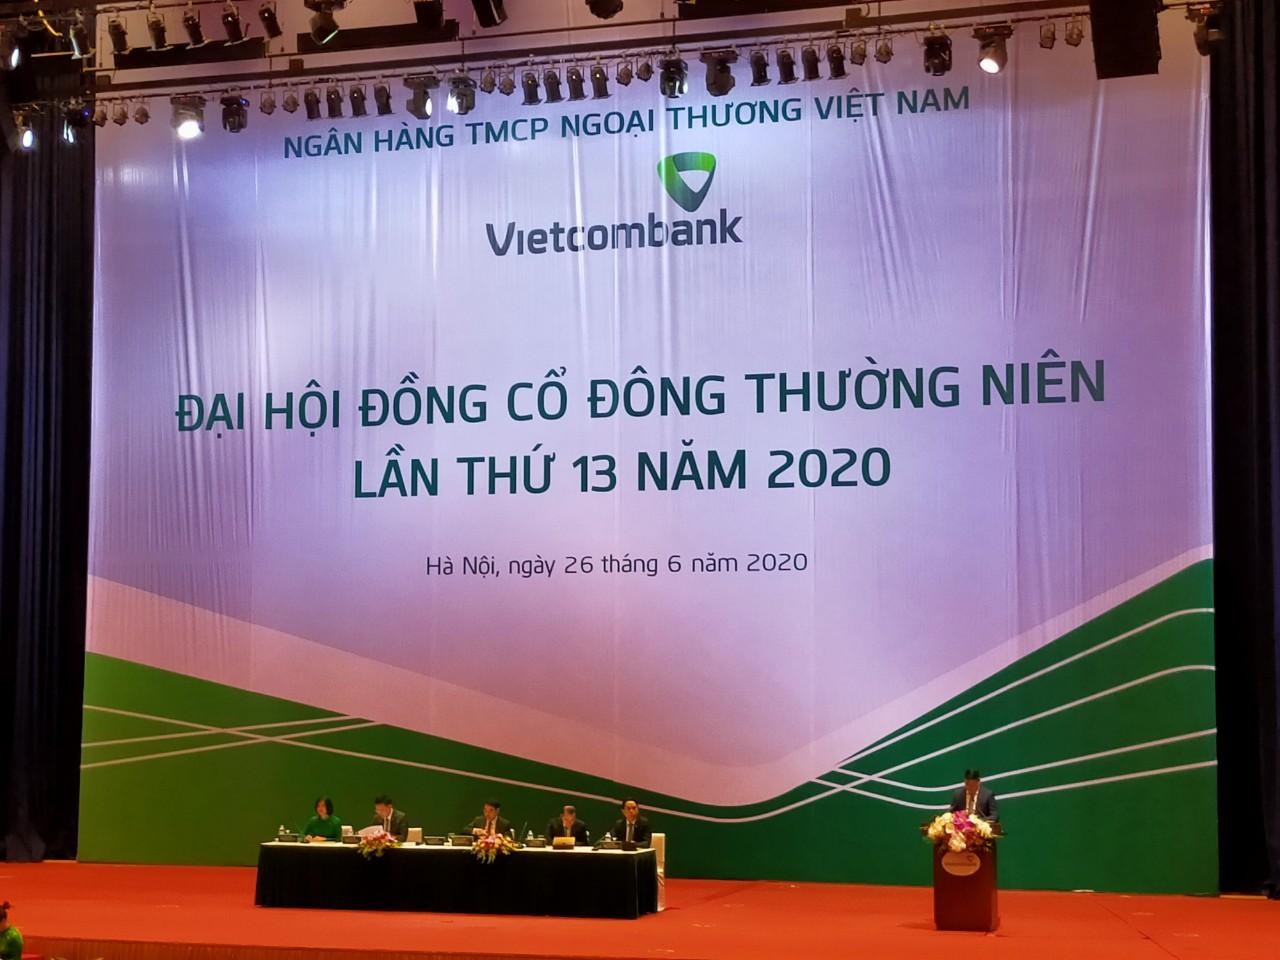 Trích dự phòng vượt yêu cầu 4.300 tỉ đồng, Vietcombank sẽ kiểm soát nợ xấu dưới 1,5% - Ảnh 1.